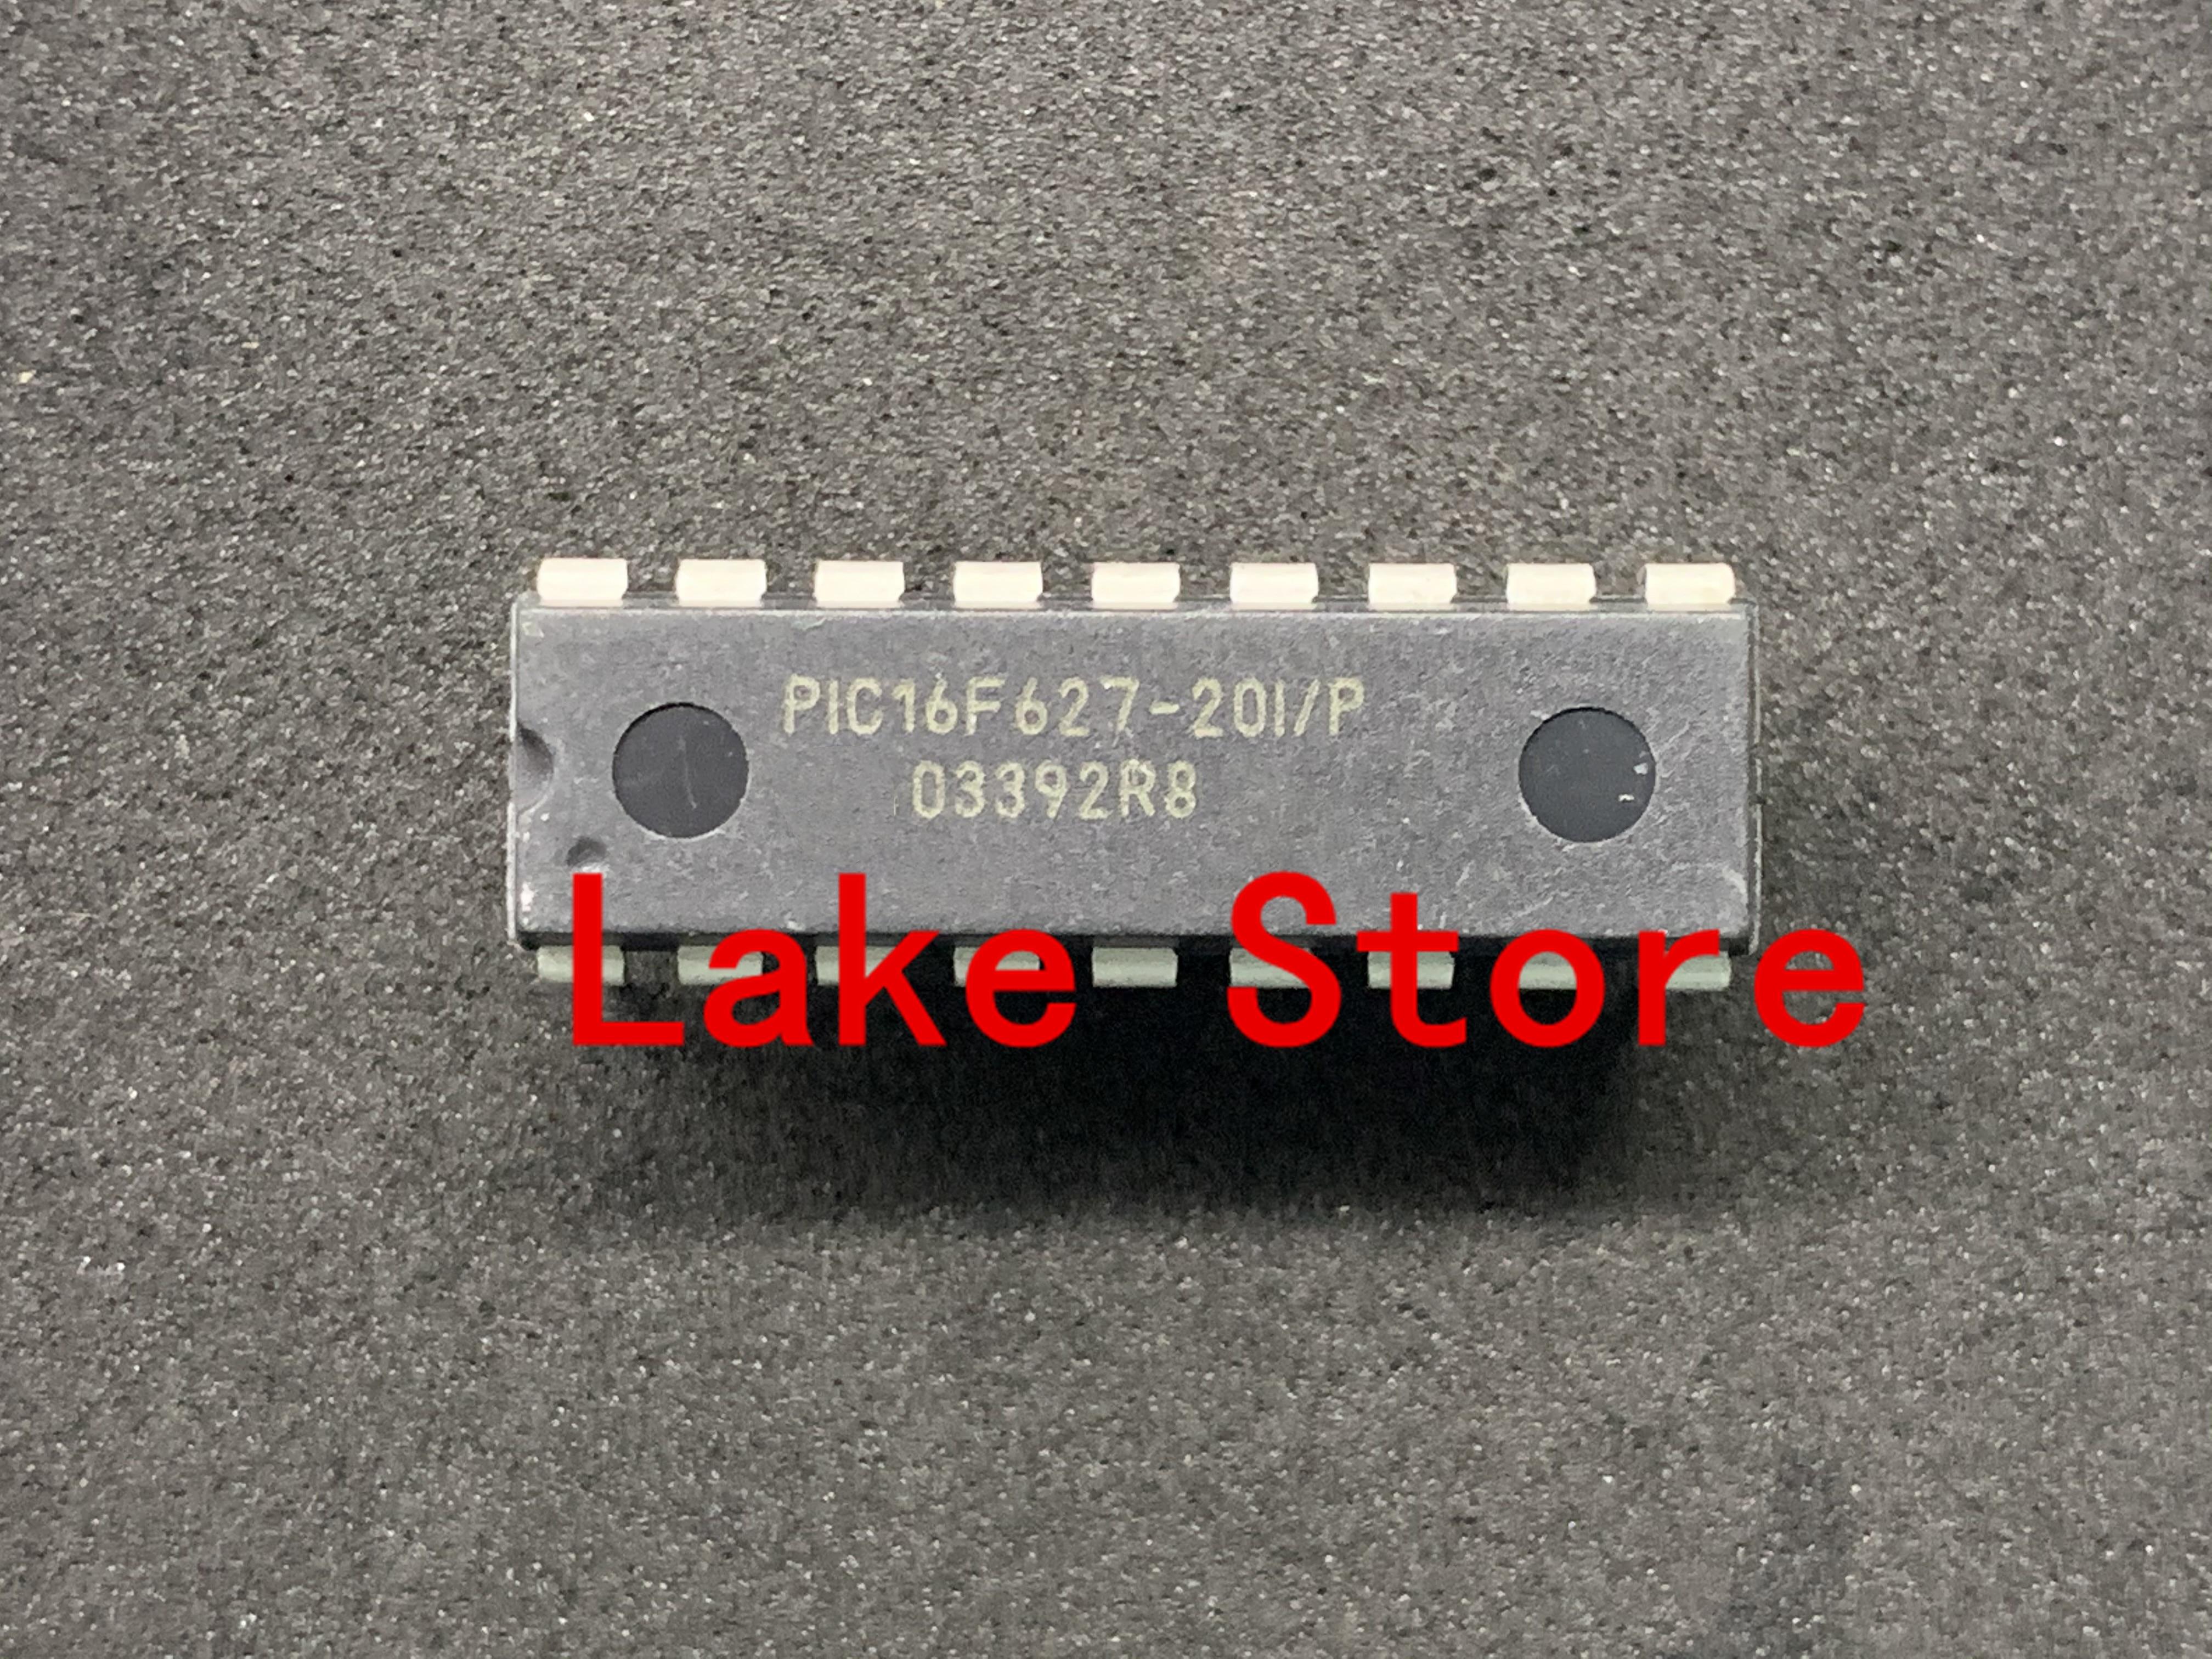 5 unids/lote PIC16F627-04/P PIC16F627 DIP PIC16F627-20I/P